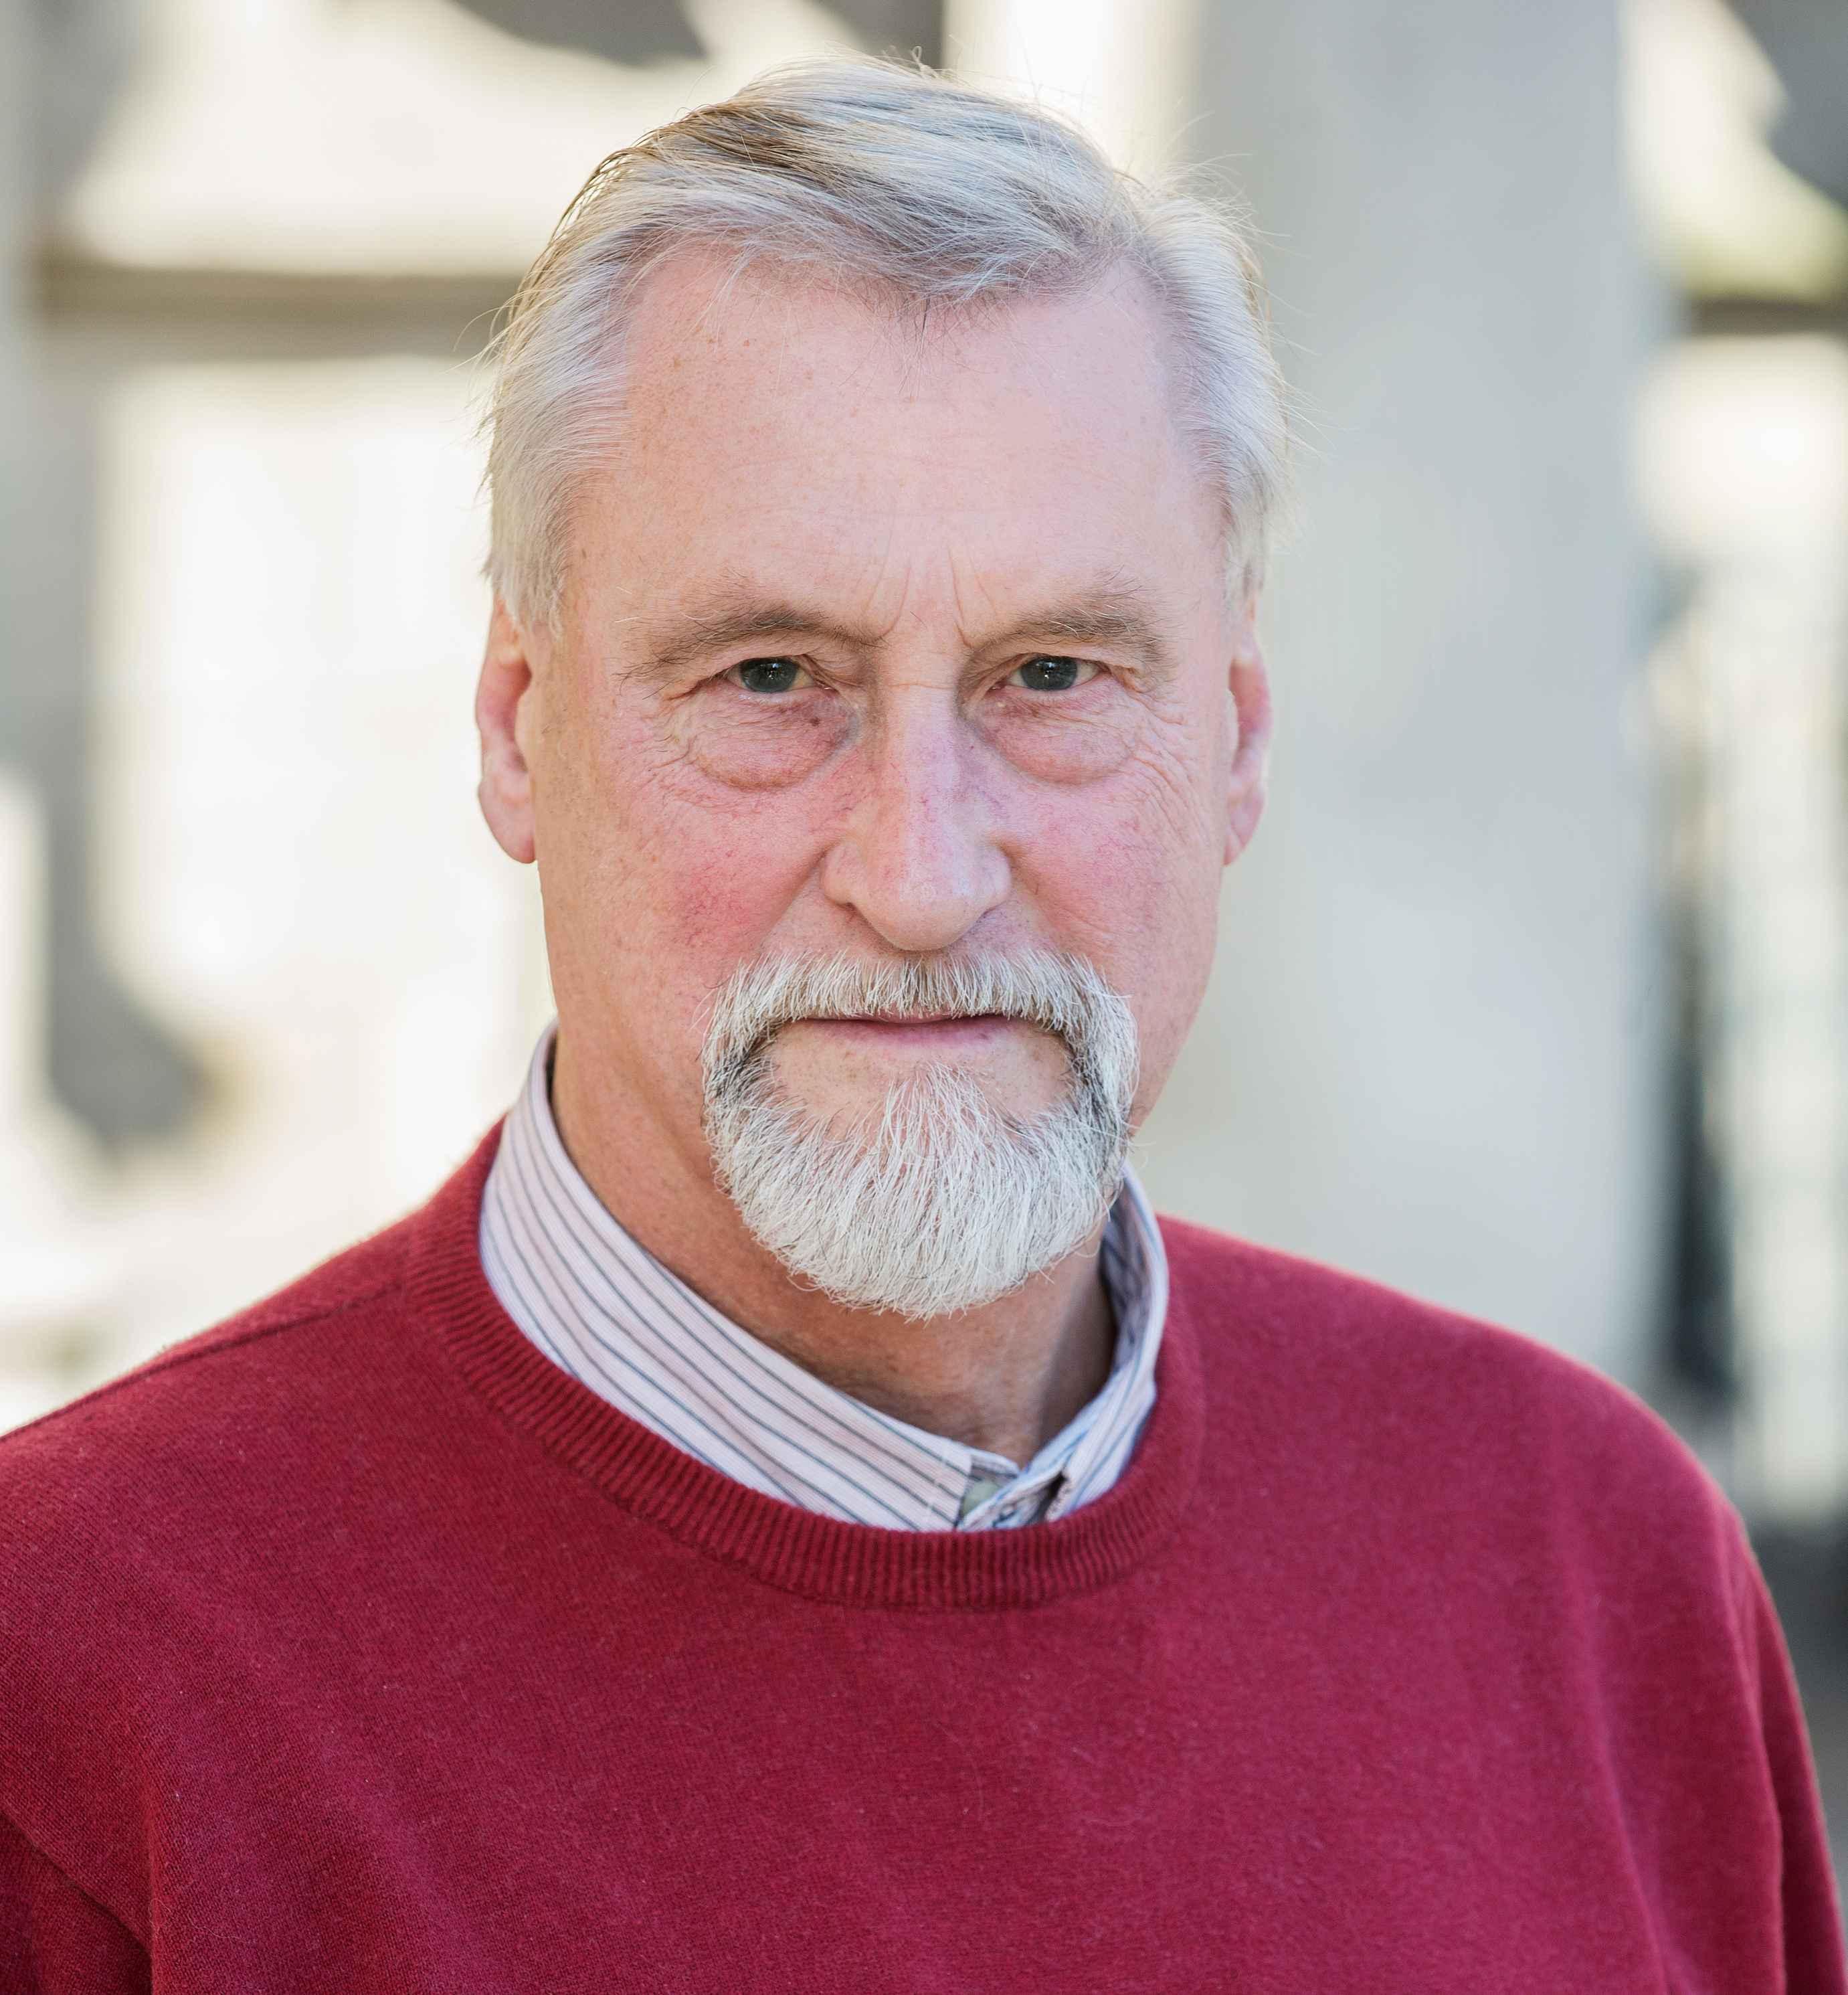 Jürgen Holtmann